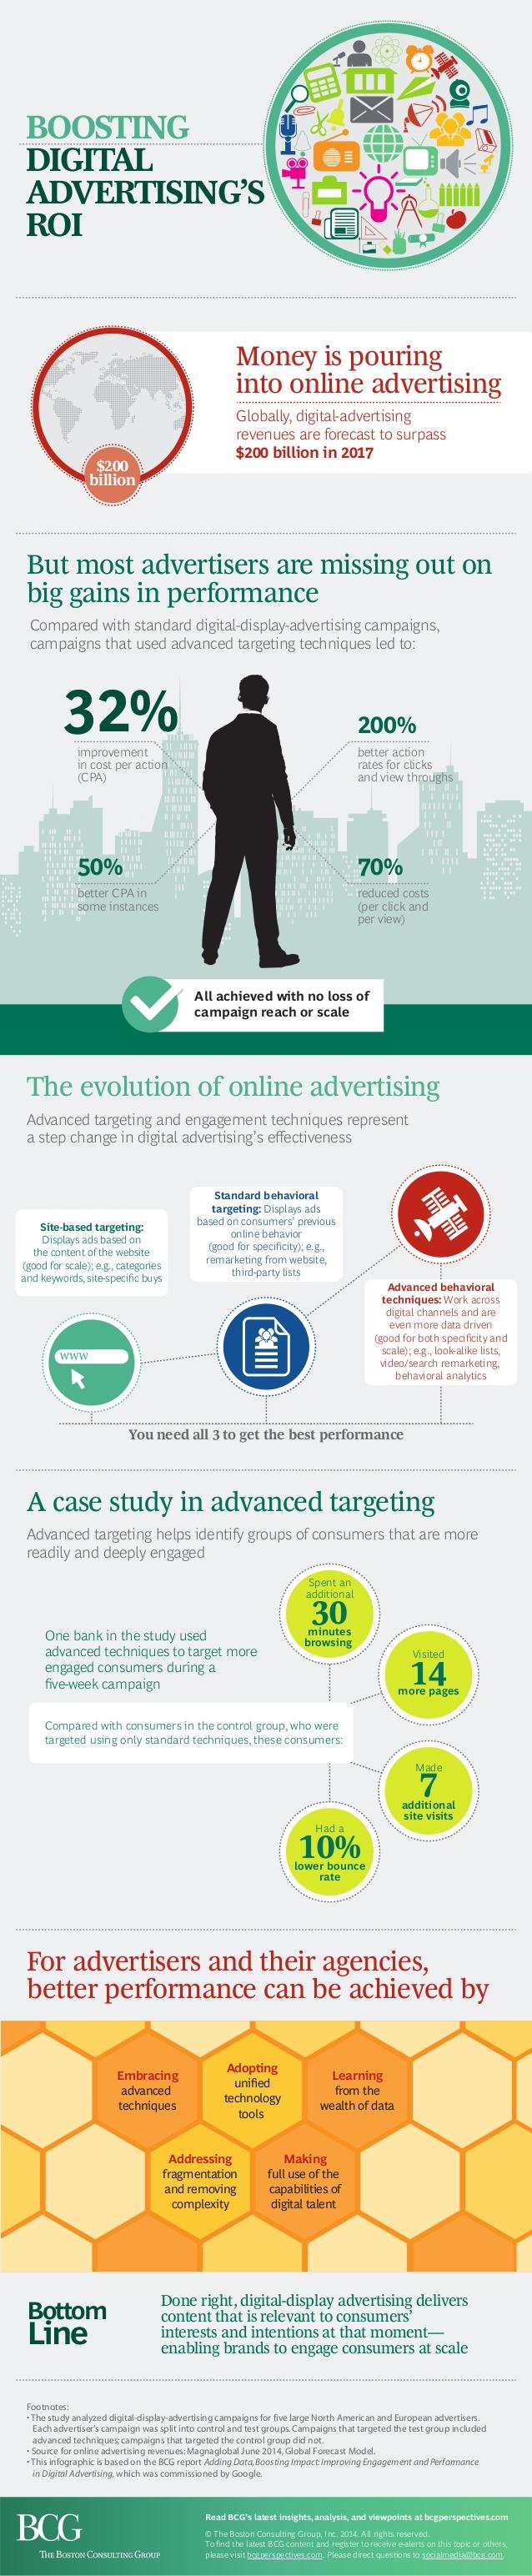 Maximiza el ROI de tu publicidad digital